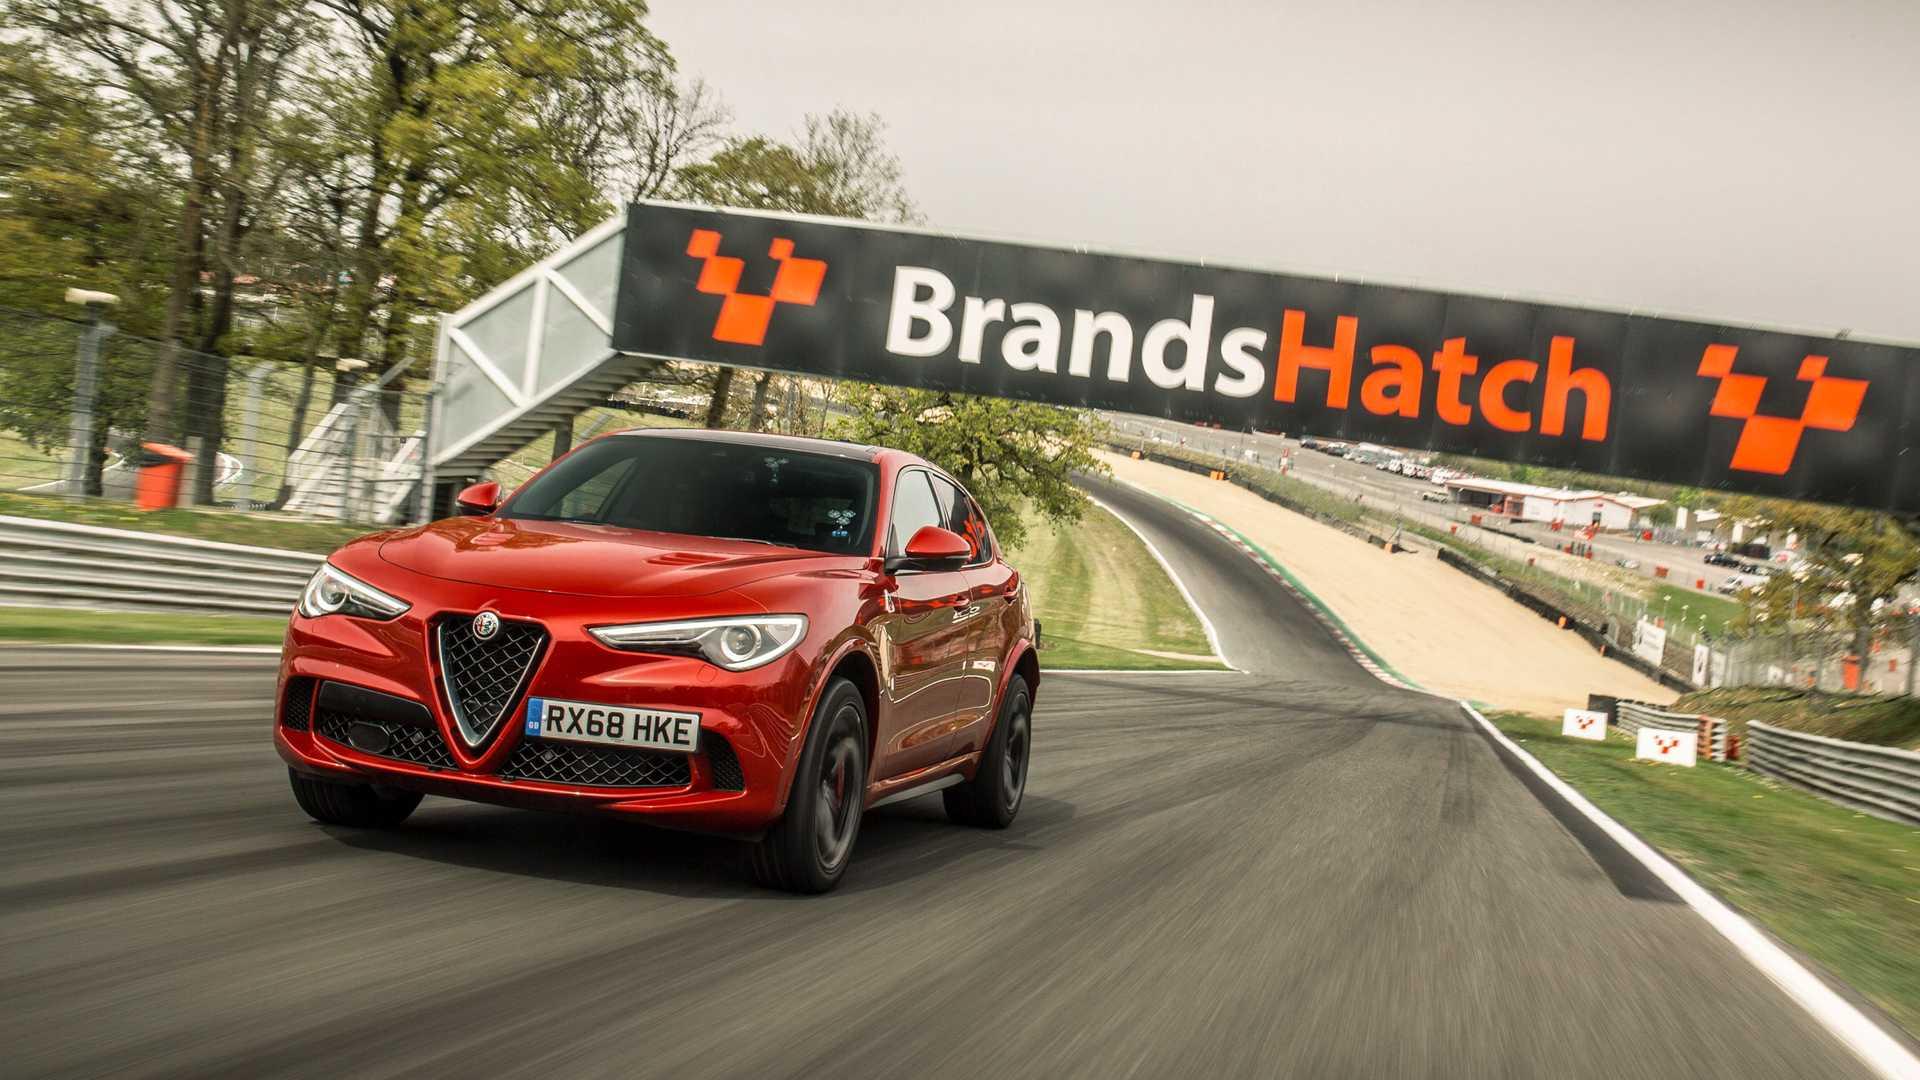 El Alfa Romeo Stelvio establece tres nuevos récords en circuitos británicos